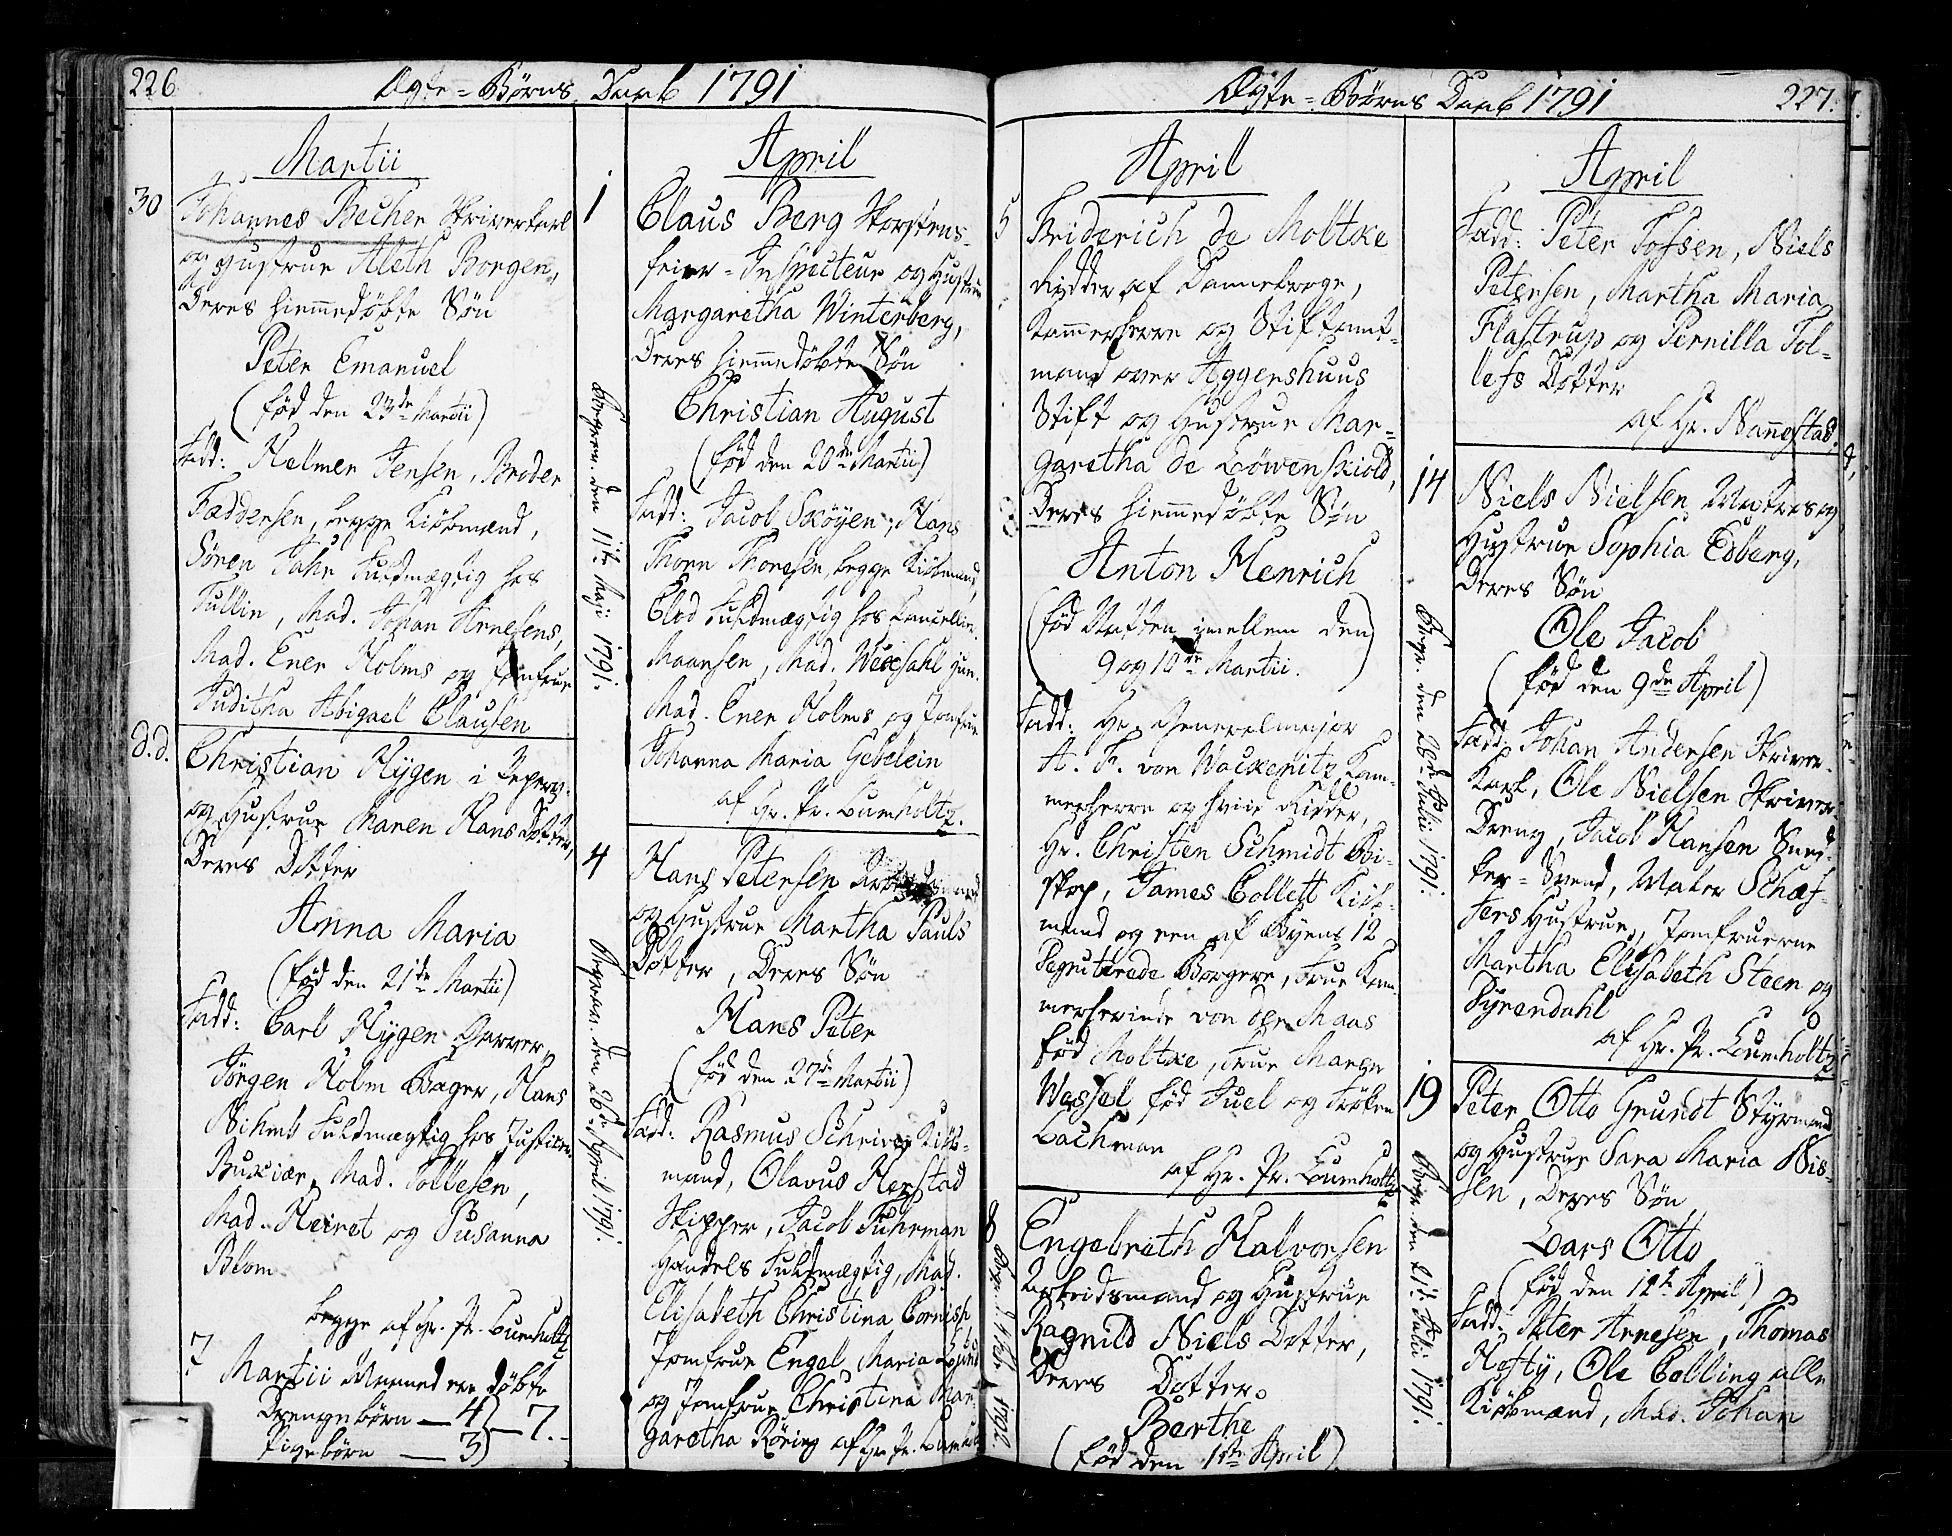 SAO, Oslo domkirke Kirkebøker, F/Fa/L0005: Ministerialbok nr. 5, 1787-1806, s. 226-227